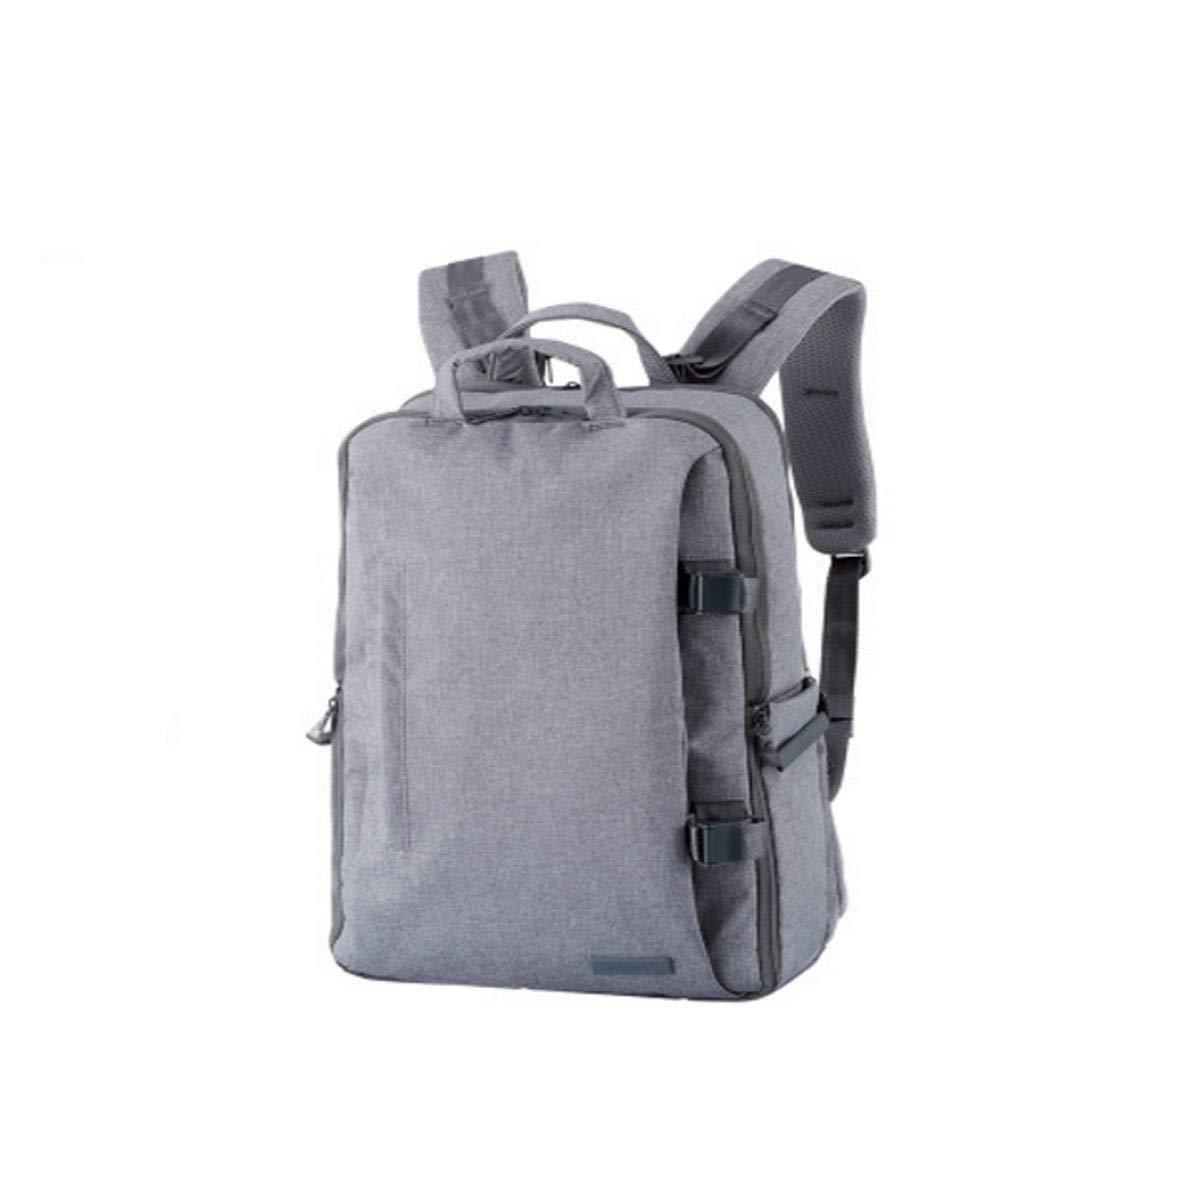 カメラバッグ、多機能カメラバックパック、防水ノートブックカメラ収納バッグ、ブラック (Color : Gray 1)   B07R4WRVCQ